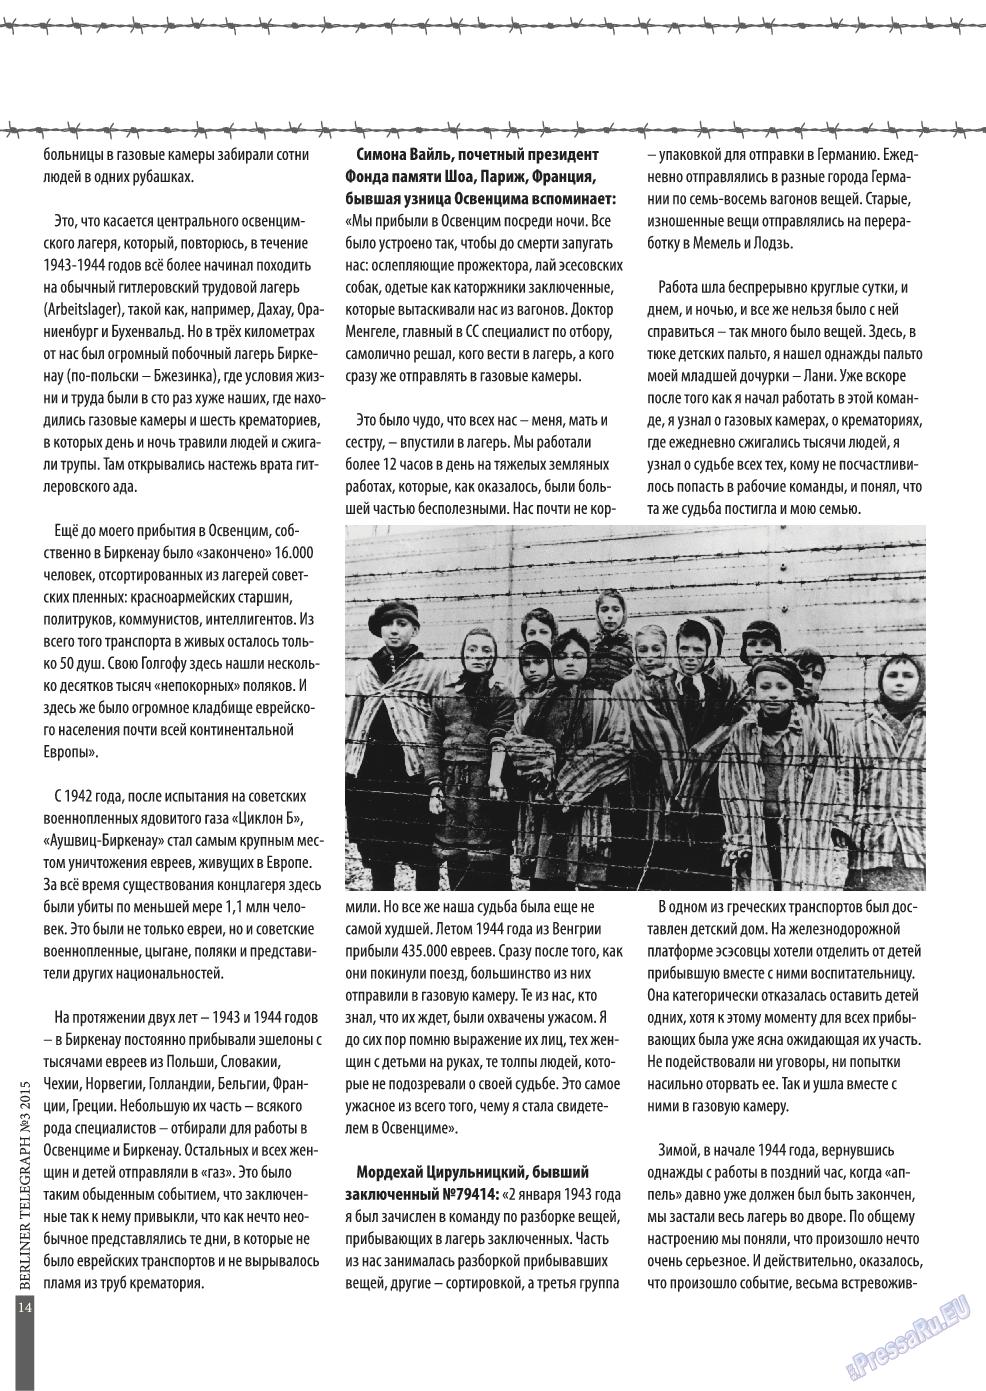 Берлинский телеграф (журнал). 2015 год, номер 3, стр. 14